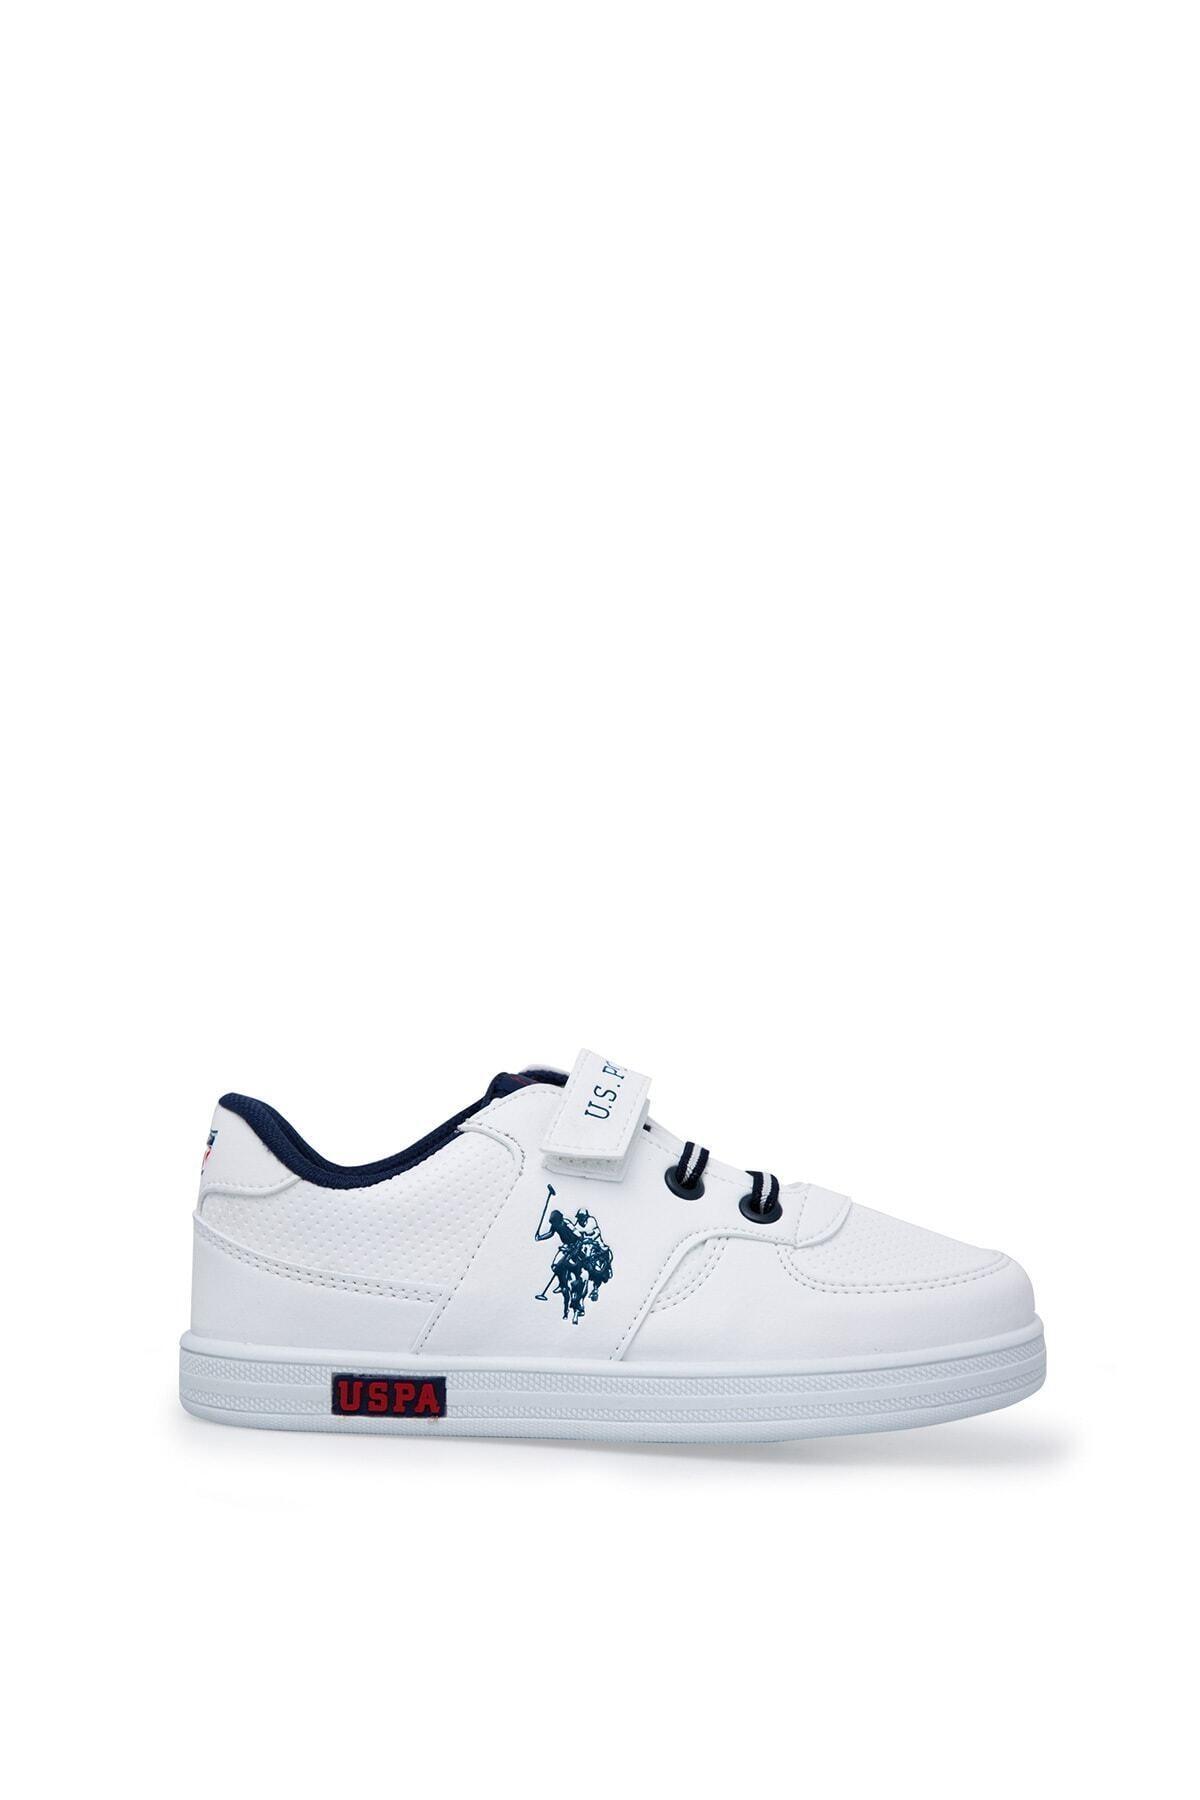 U.S. Polo Assn. Cameron Beyaz Erkek Çocuk Sneaker Ayakkabı 100380400 1